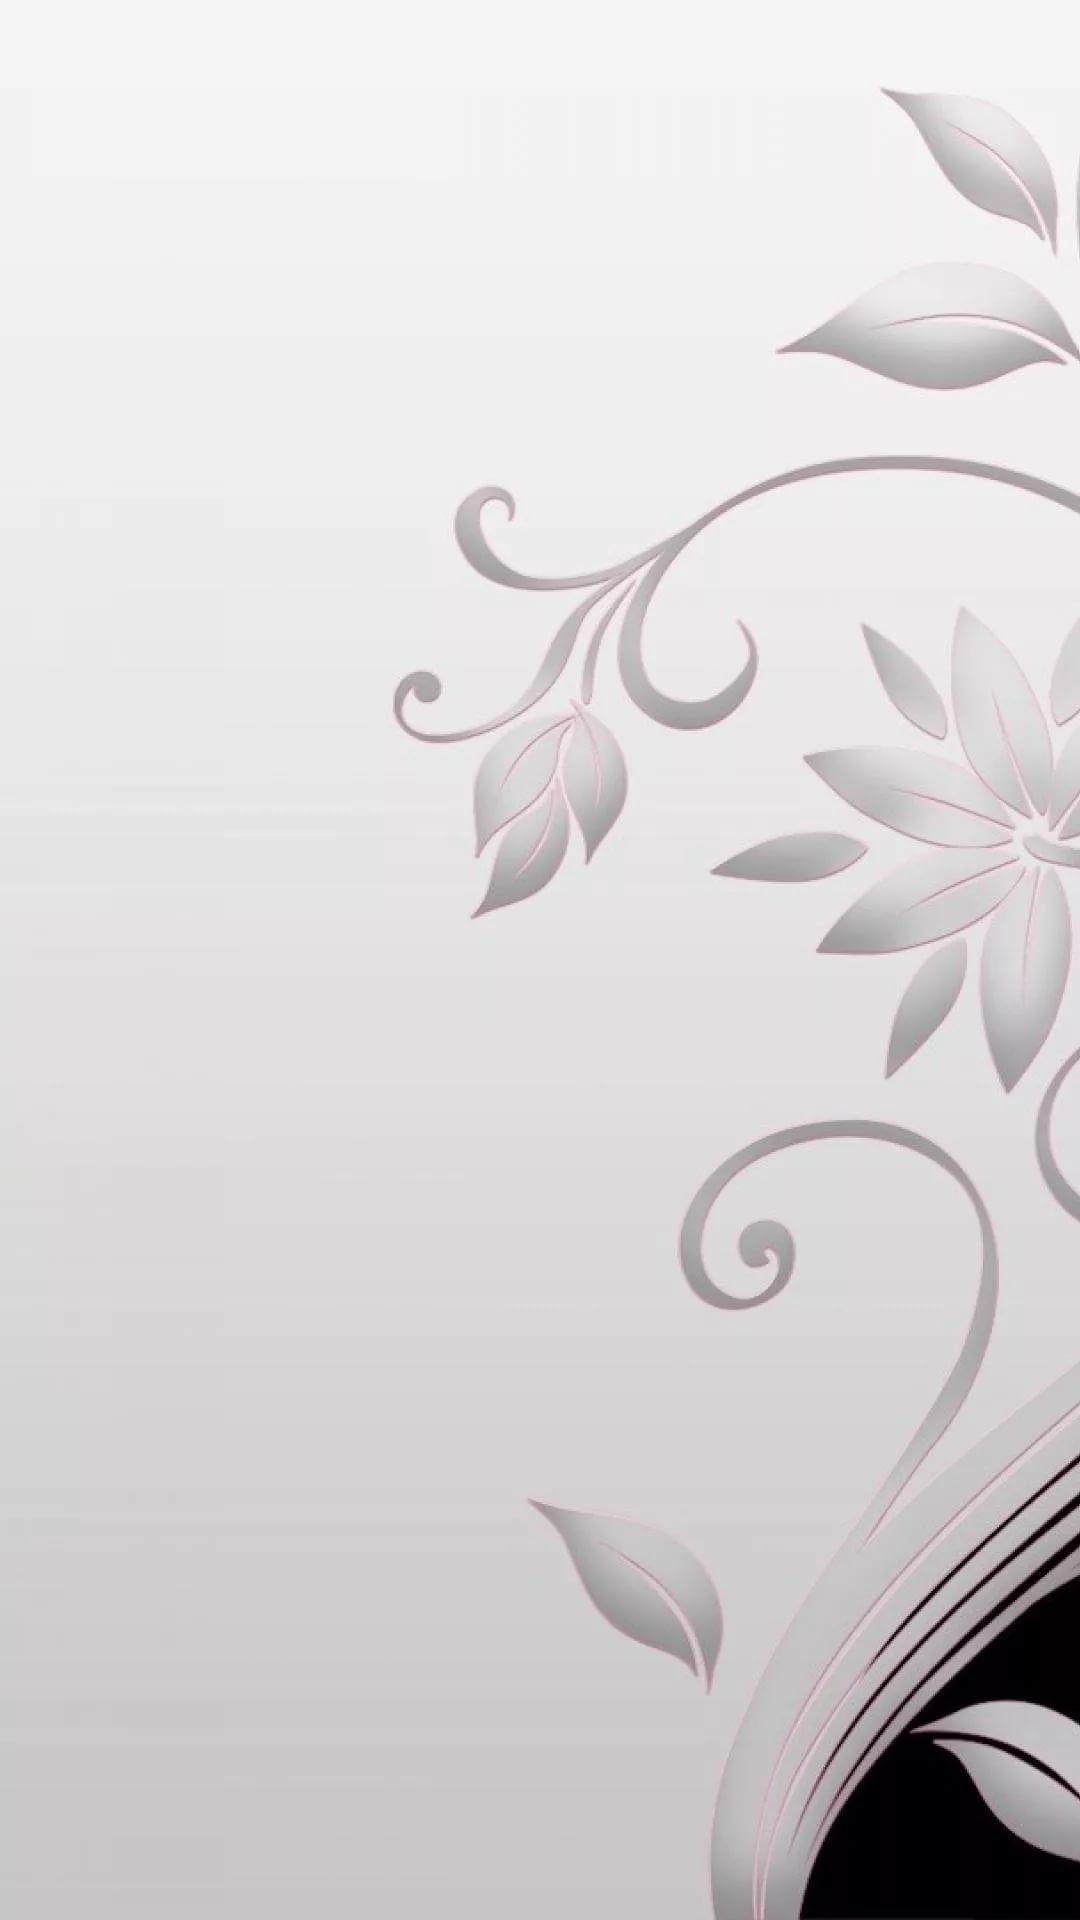 White iOS 11 wallpaper